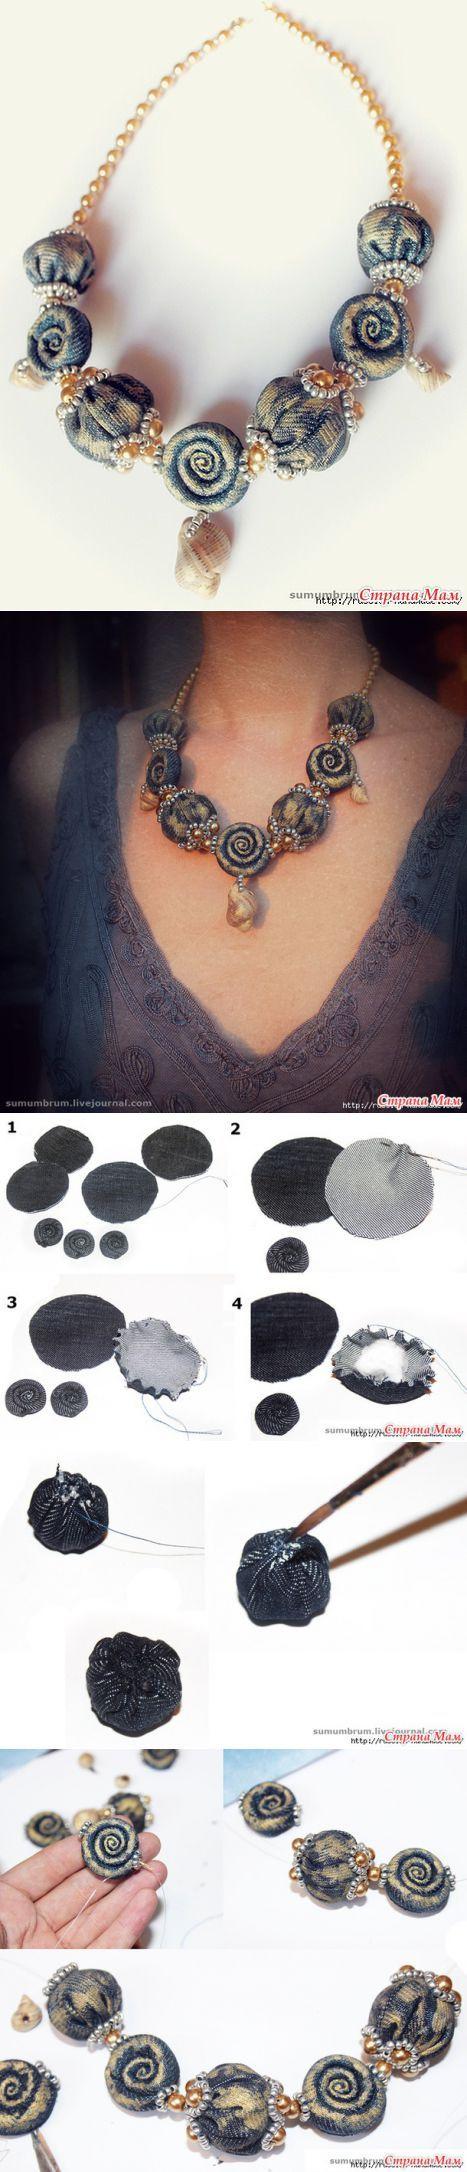 Джинсовое ожерелье из ракушек, бисера и бусин. - Джинсовые чудеса! - Страна Мам